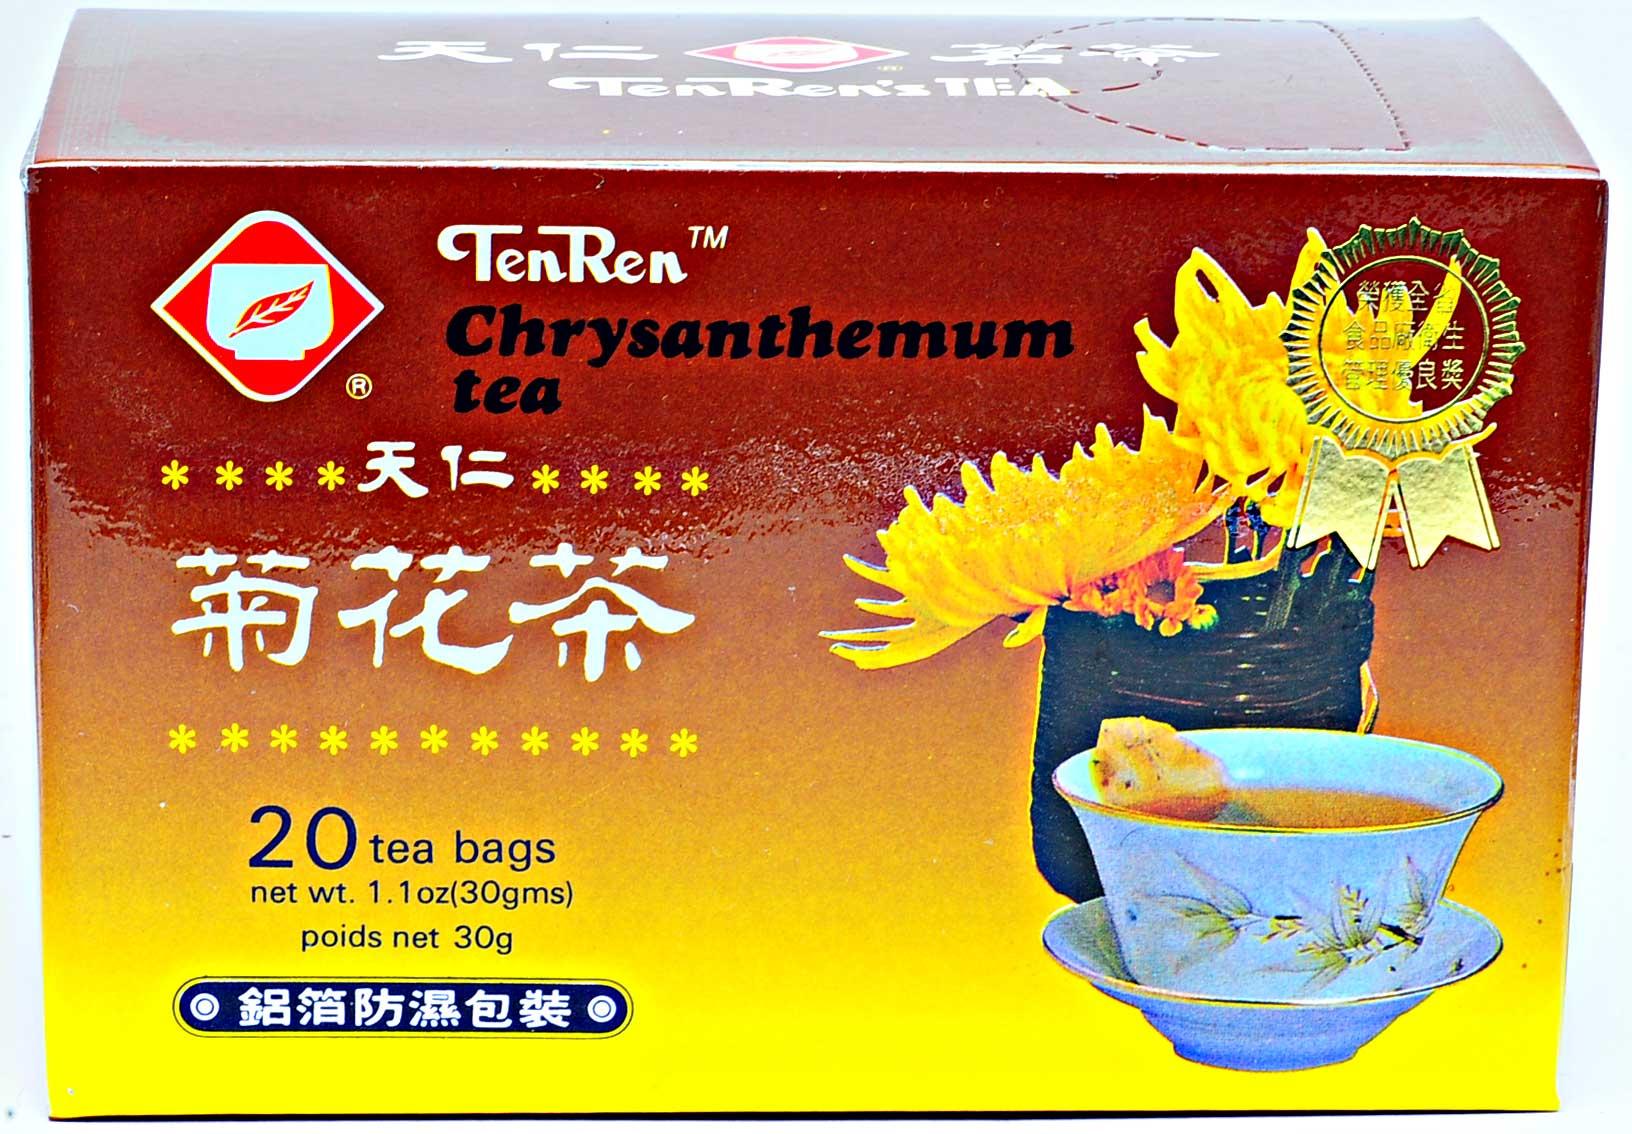 天仁茗茶 菊花茶ティーバッグ 20バッグ